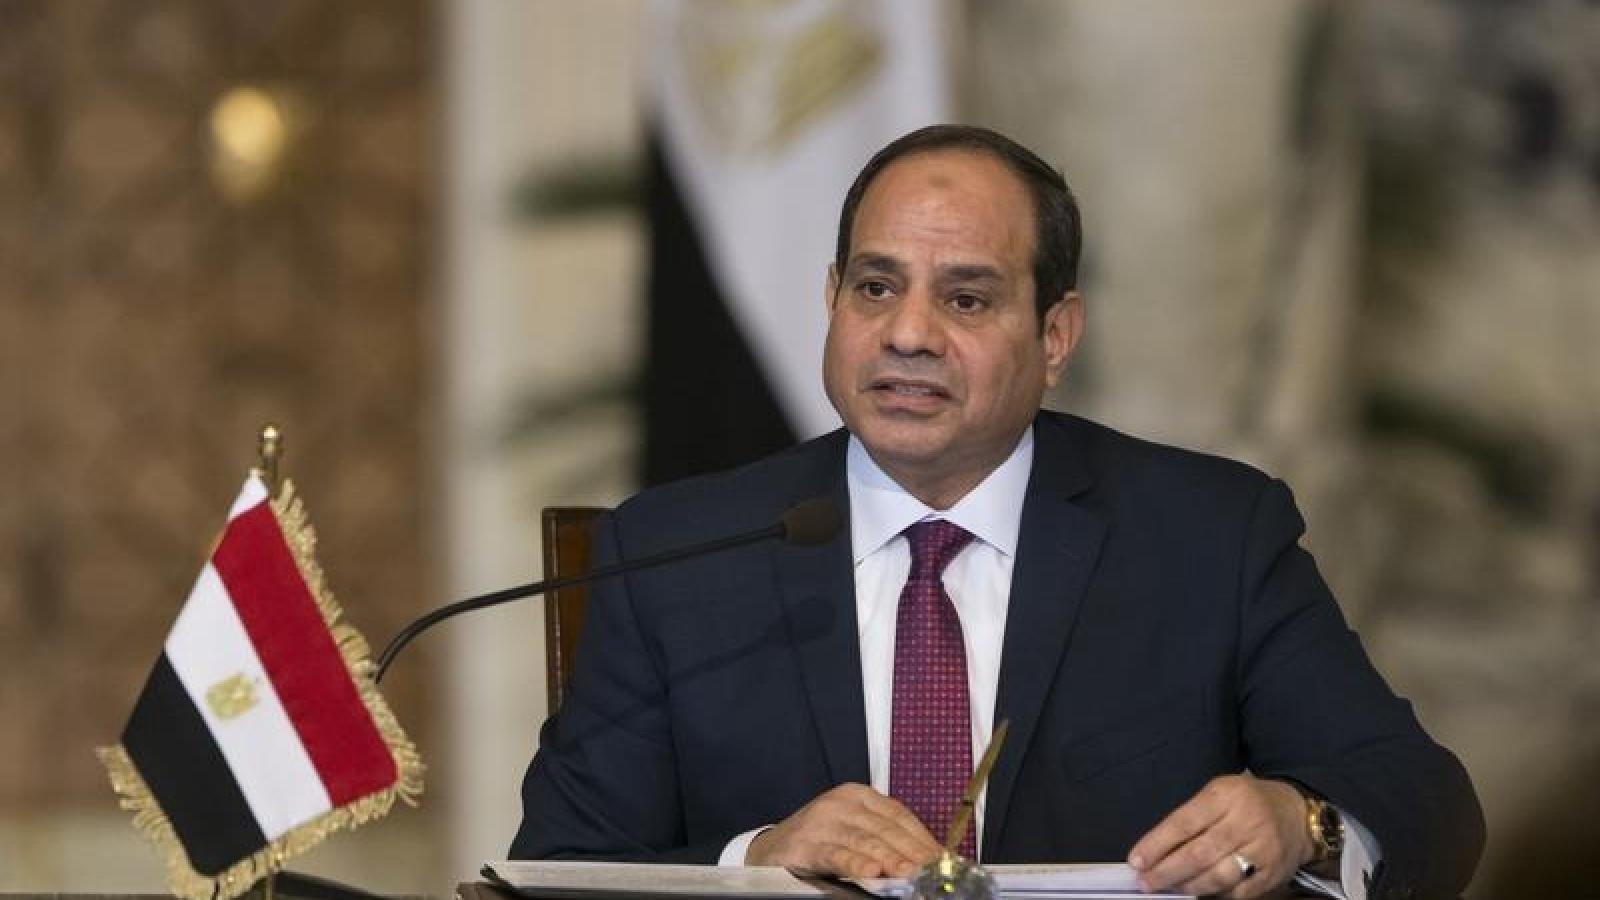 Ai Cập hoan nghênh thỏa thuận bình thường hóa quan hệ Bahrain - Israel